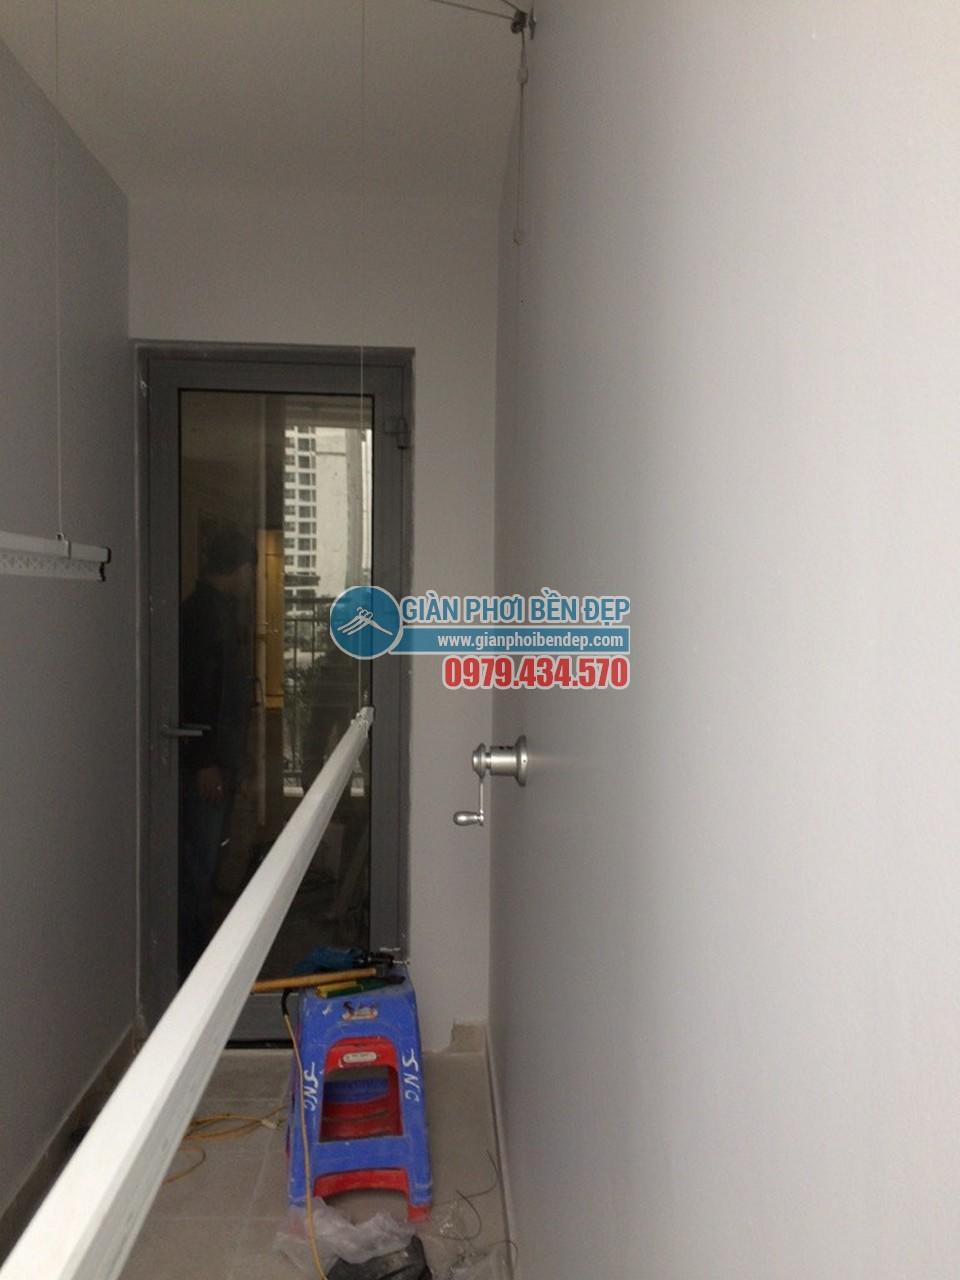 Lắp đặt giàn phơi thông minh để lô gia được gọn gàng như nhà chị chị Hà, tòa Park 3, Park Hill - 03